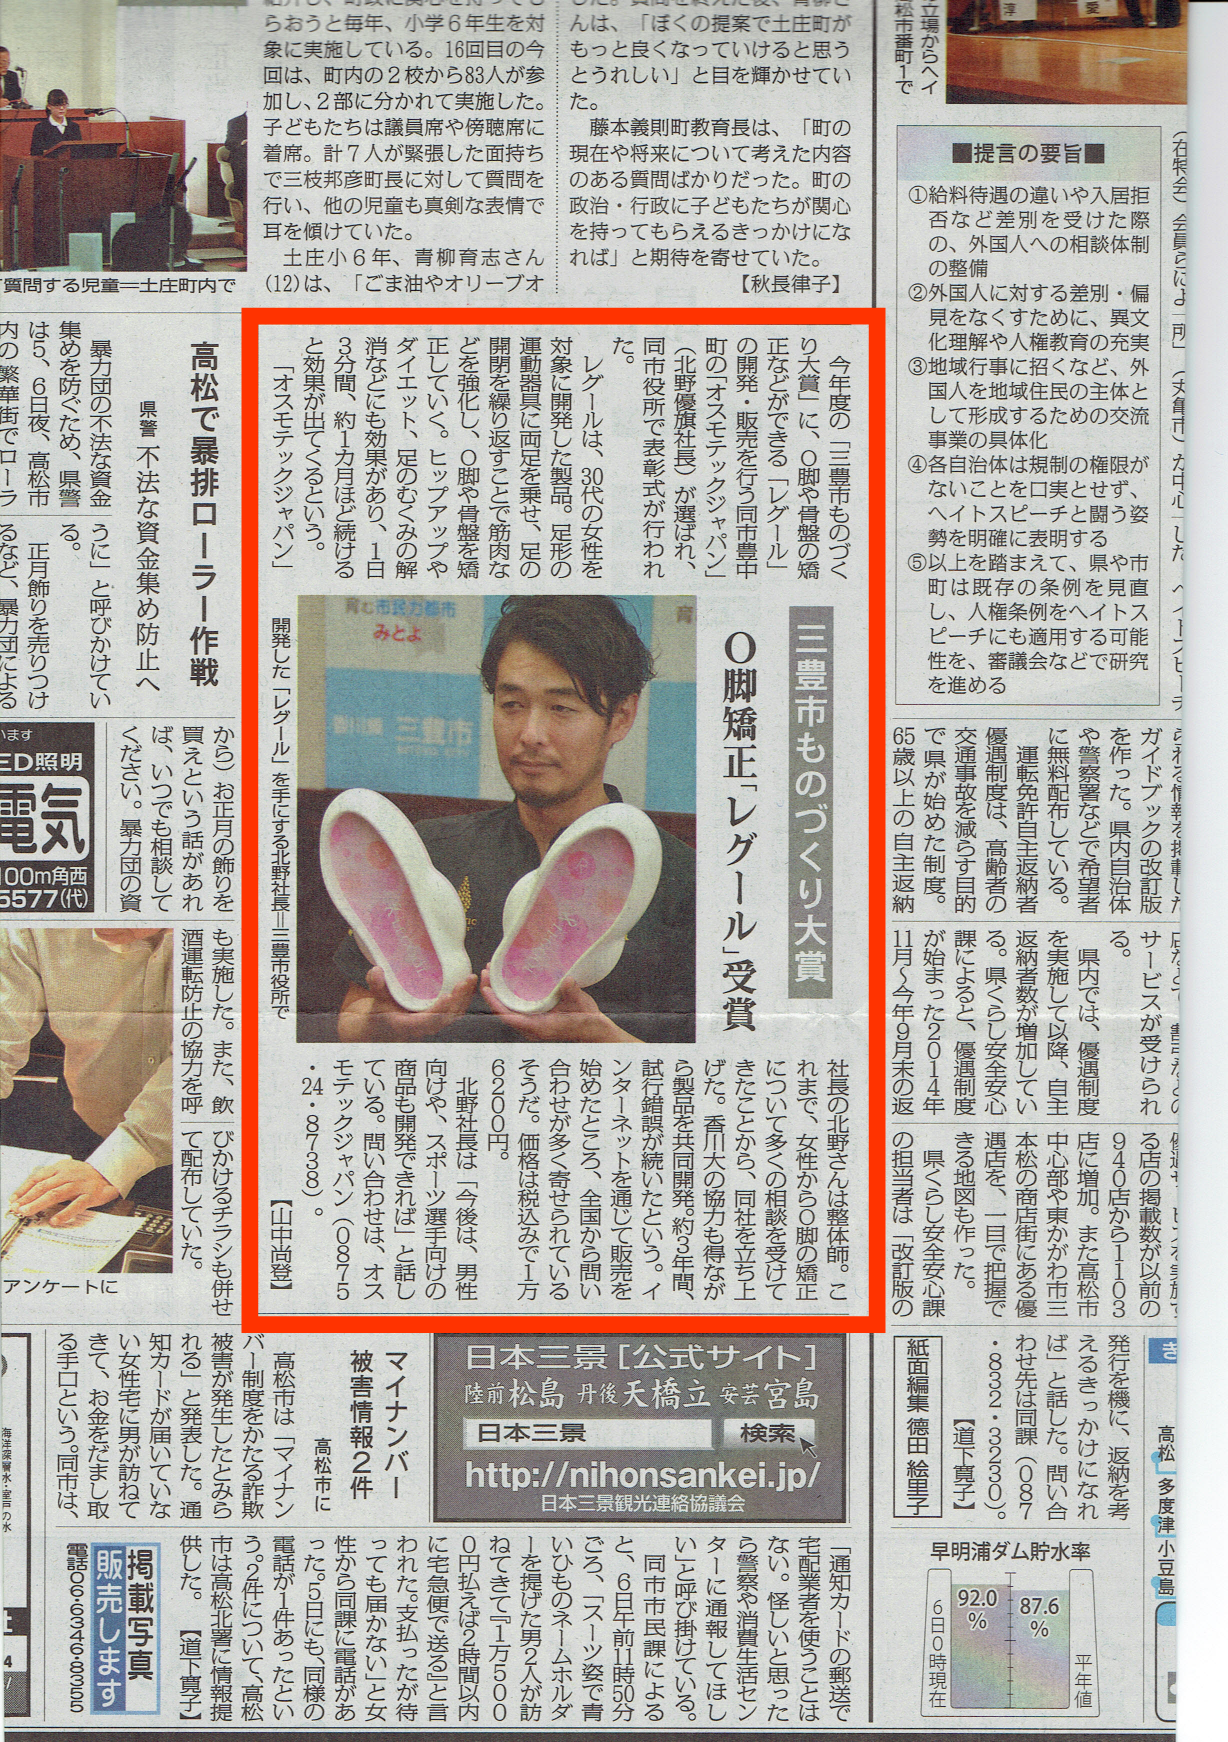 【毎日新聞 掲載】三豊市ものづくり大賞:O脚矯正「レグール」受賞